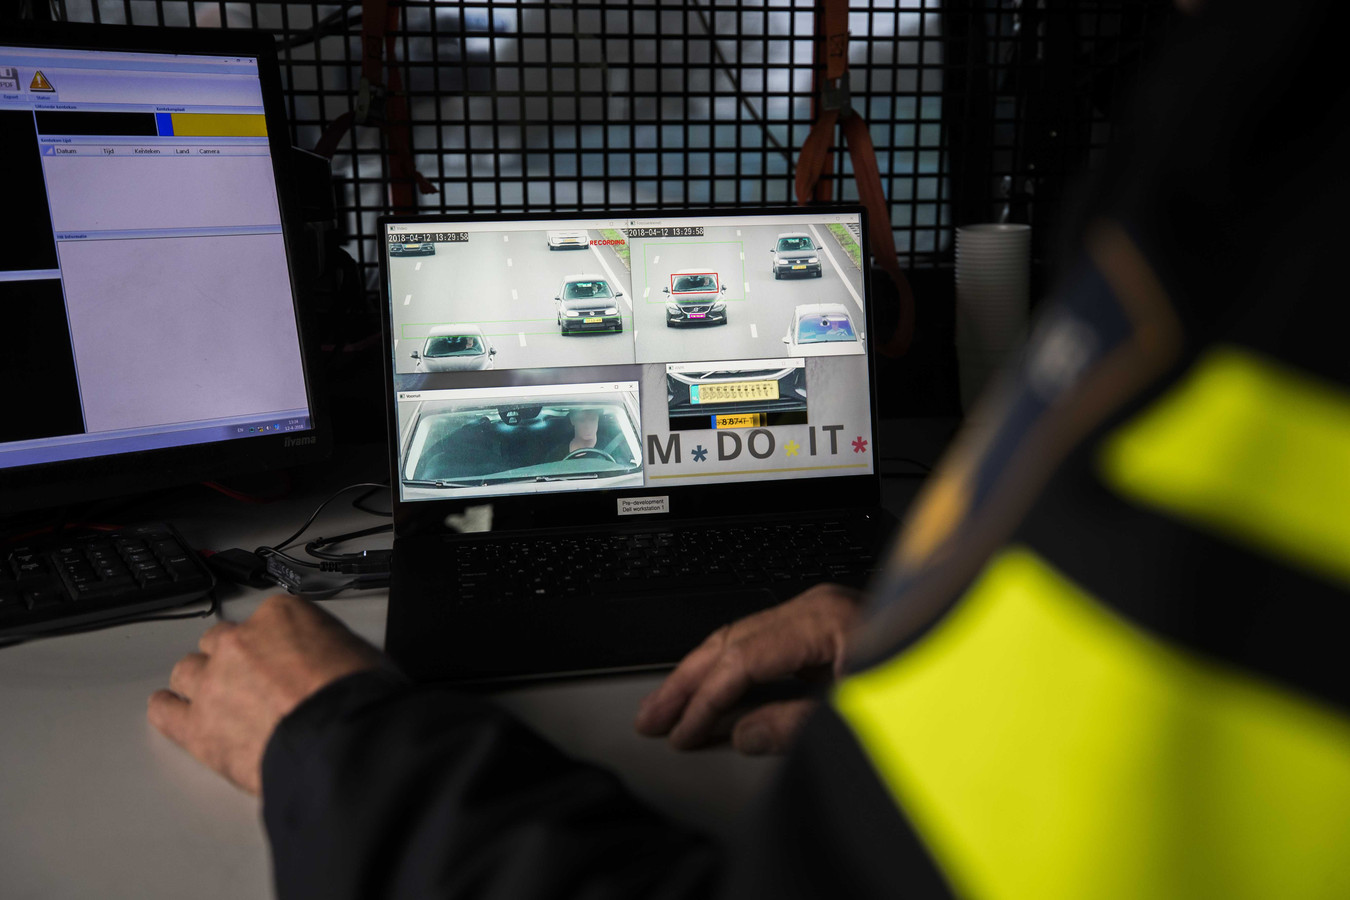 Archiefbeeld: De Nationale Politie houdt een proef met een flitscamera die door de voorruit van een passerende auto kan registreren of een bestuurder zijn mobieltje in de hand heeft.